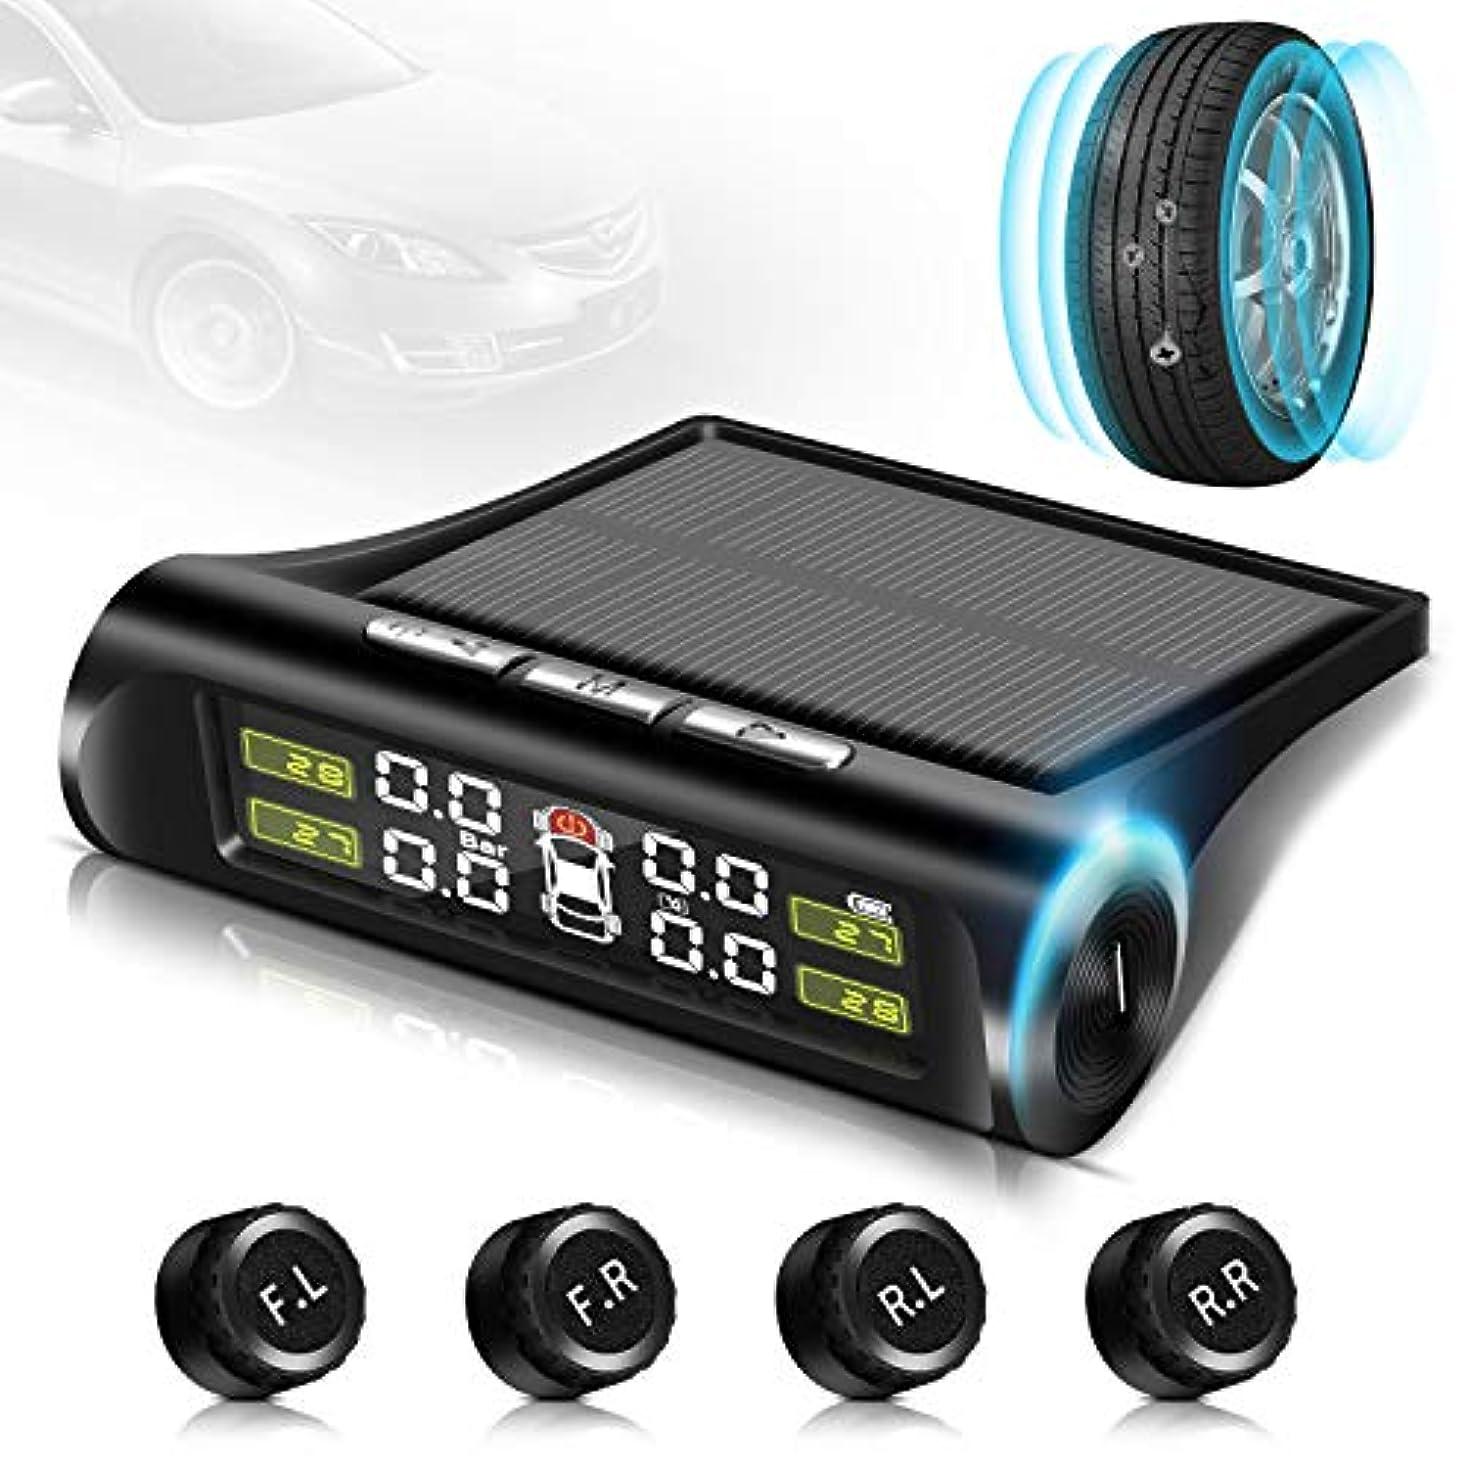 定期的に勇気一節019最新版 タイヤ空気圧センサー タイヤ空気圧モニター TPMS 気圧温度 即時監視 太陽能/USB二重充電 ワイヤレス 4外部センサー 振動感知 取り付け簡単